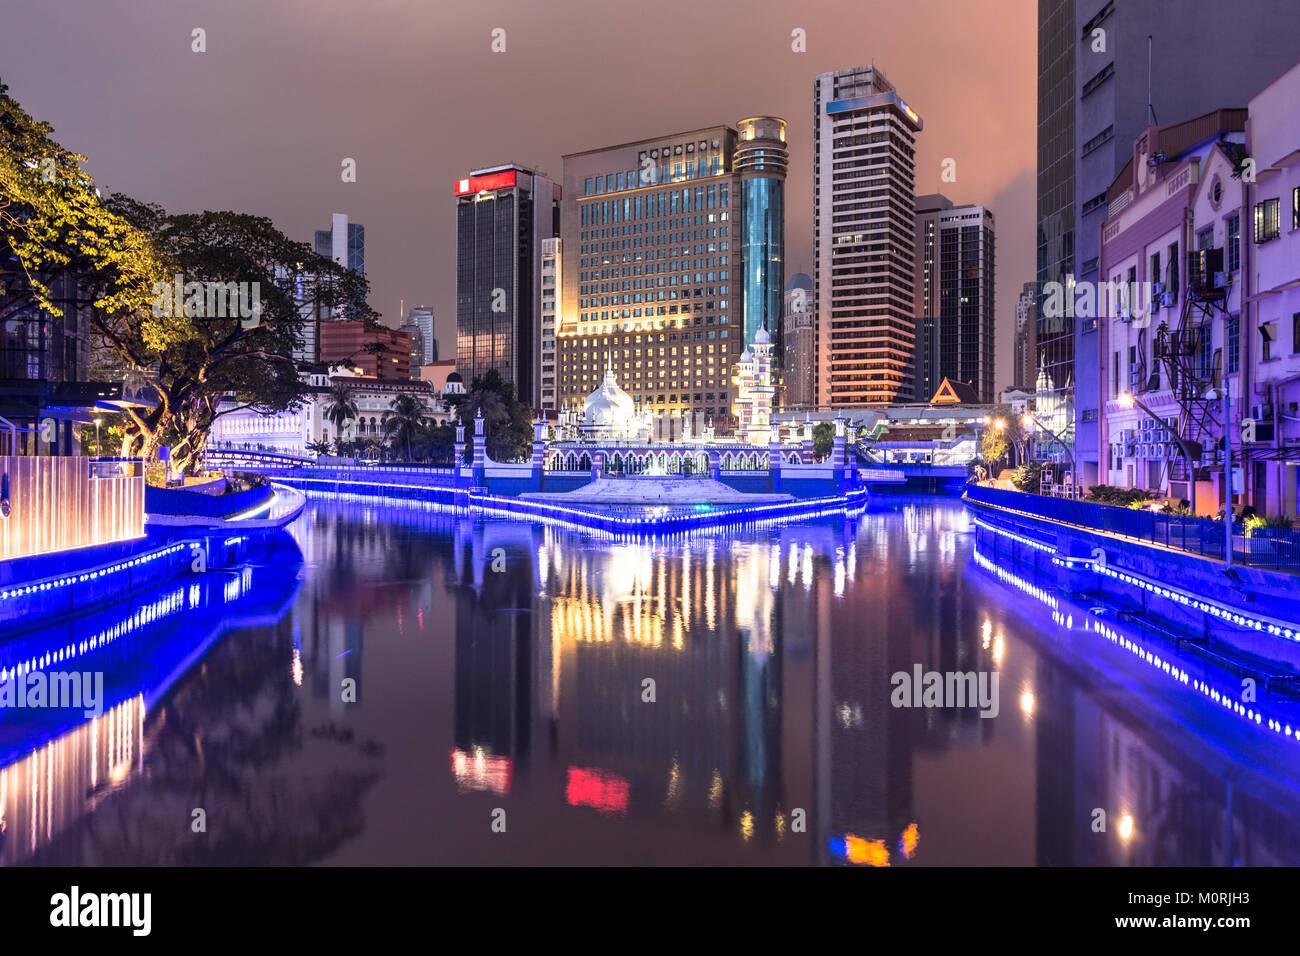 Büro gebäude spiegeln sich im Wasser des Klang Fluss vor dem Jamek Moschee (MASJID) im Herzen von Kuala Stockbild